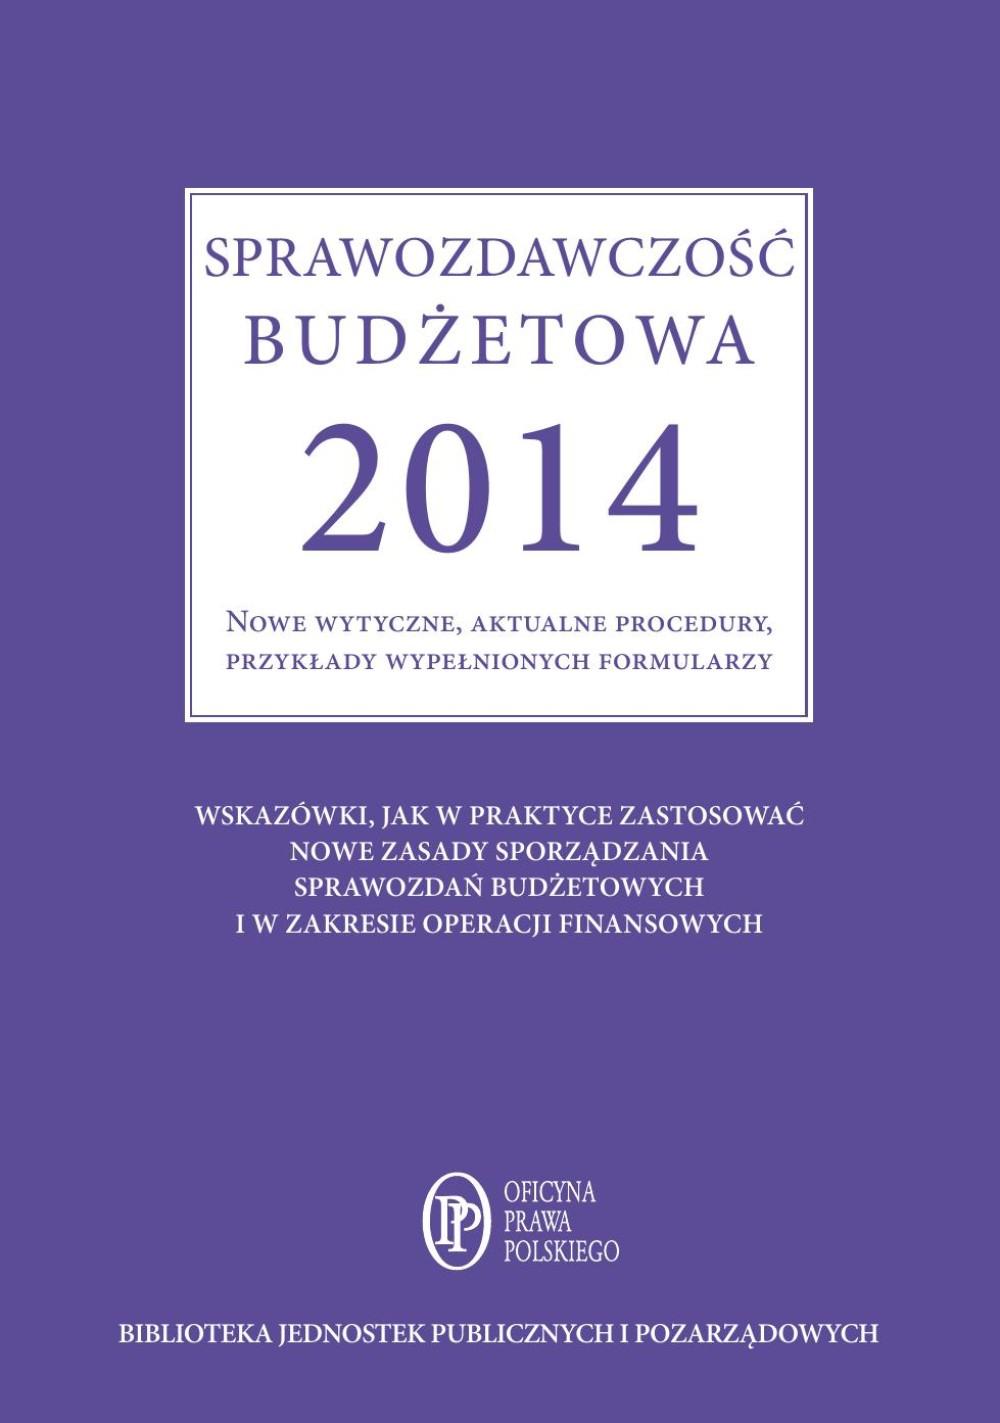 :: Sprawozdawczość budżetowa 2014 Nowe wytyczne, aktualne procedury, przykłady wypełnionych formularzy - e-book ::